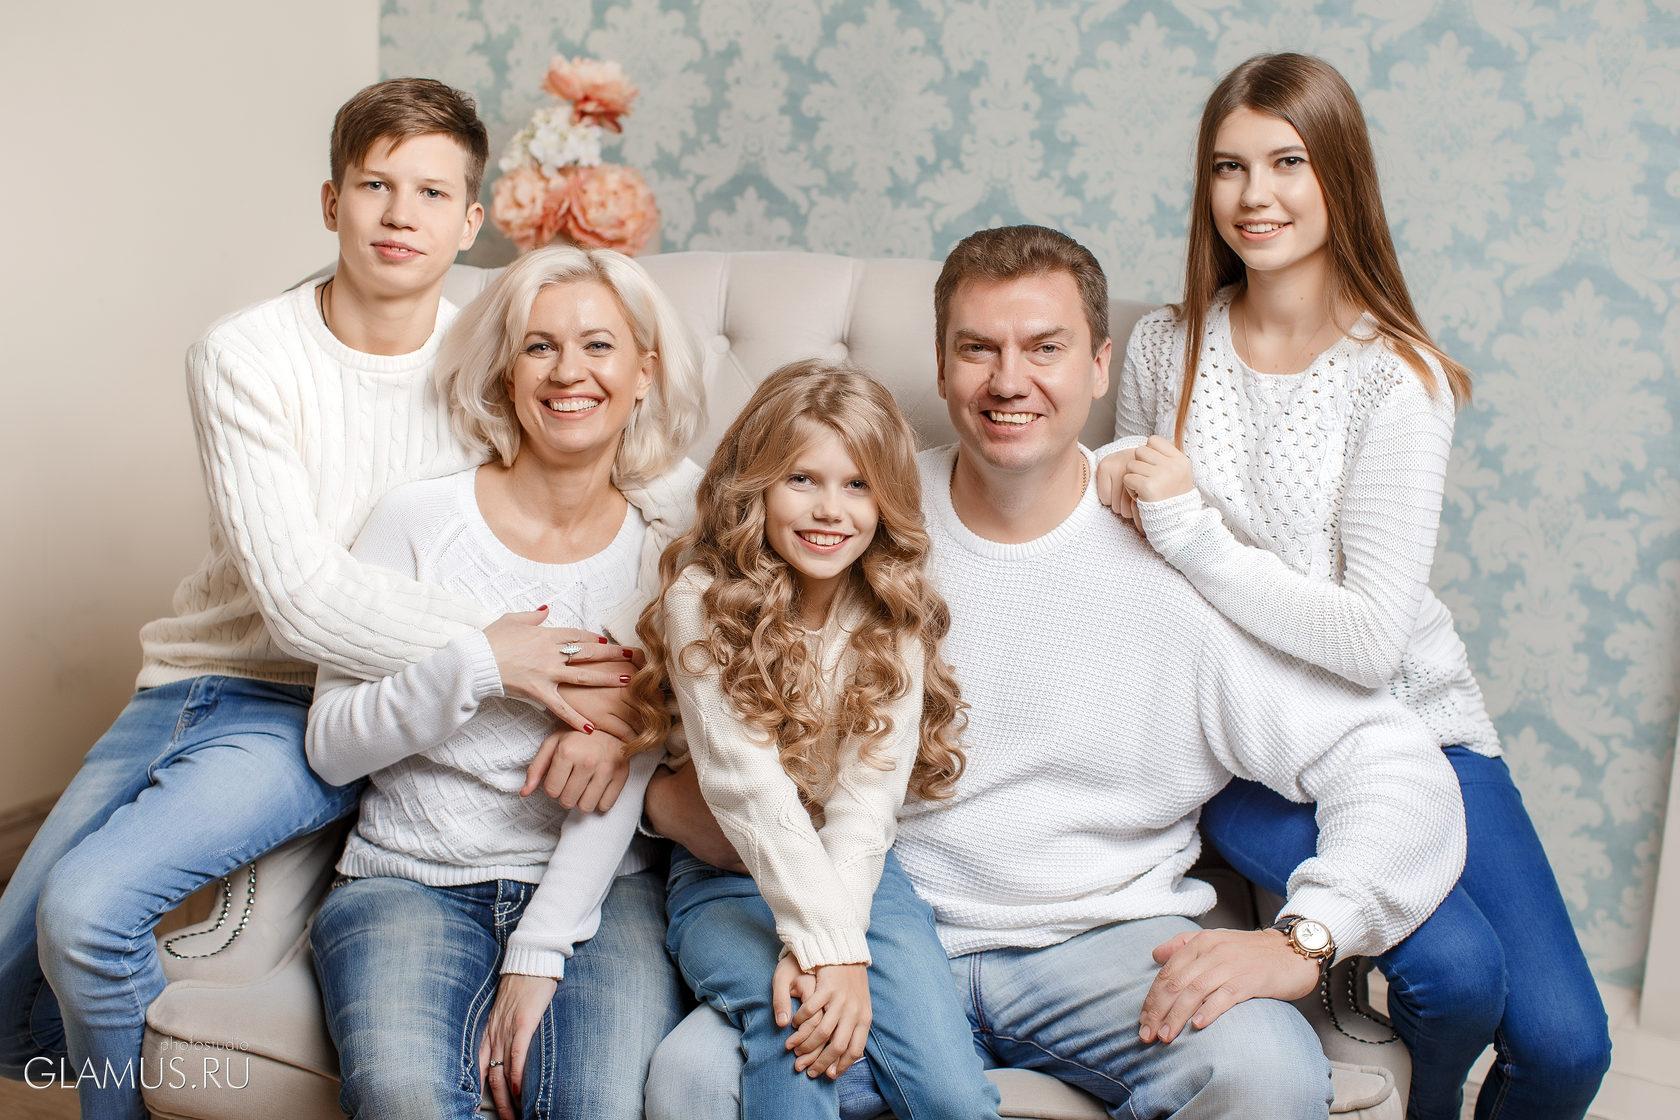 оформления студийные фото семьи краснодар вопрос, что все